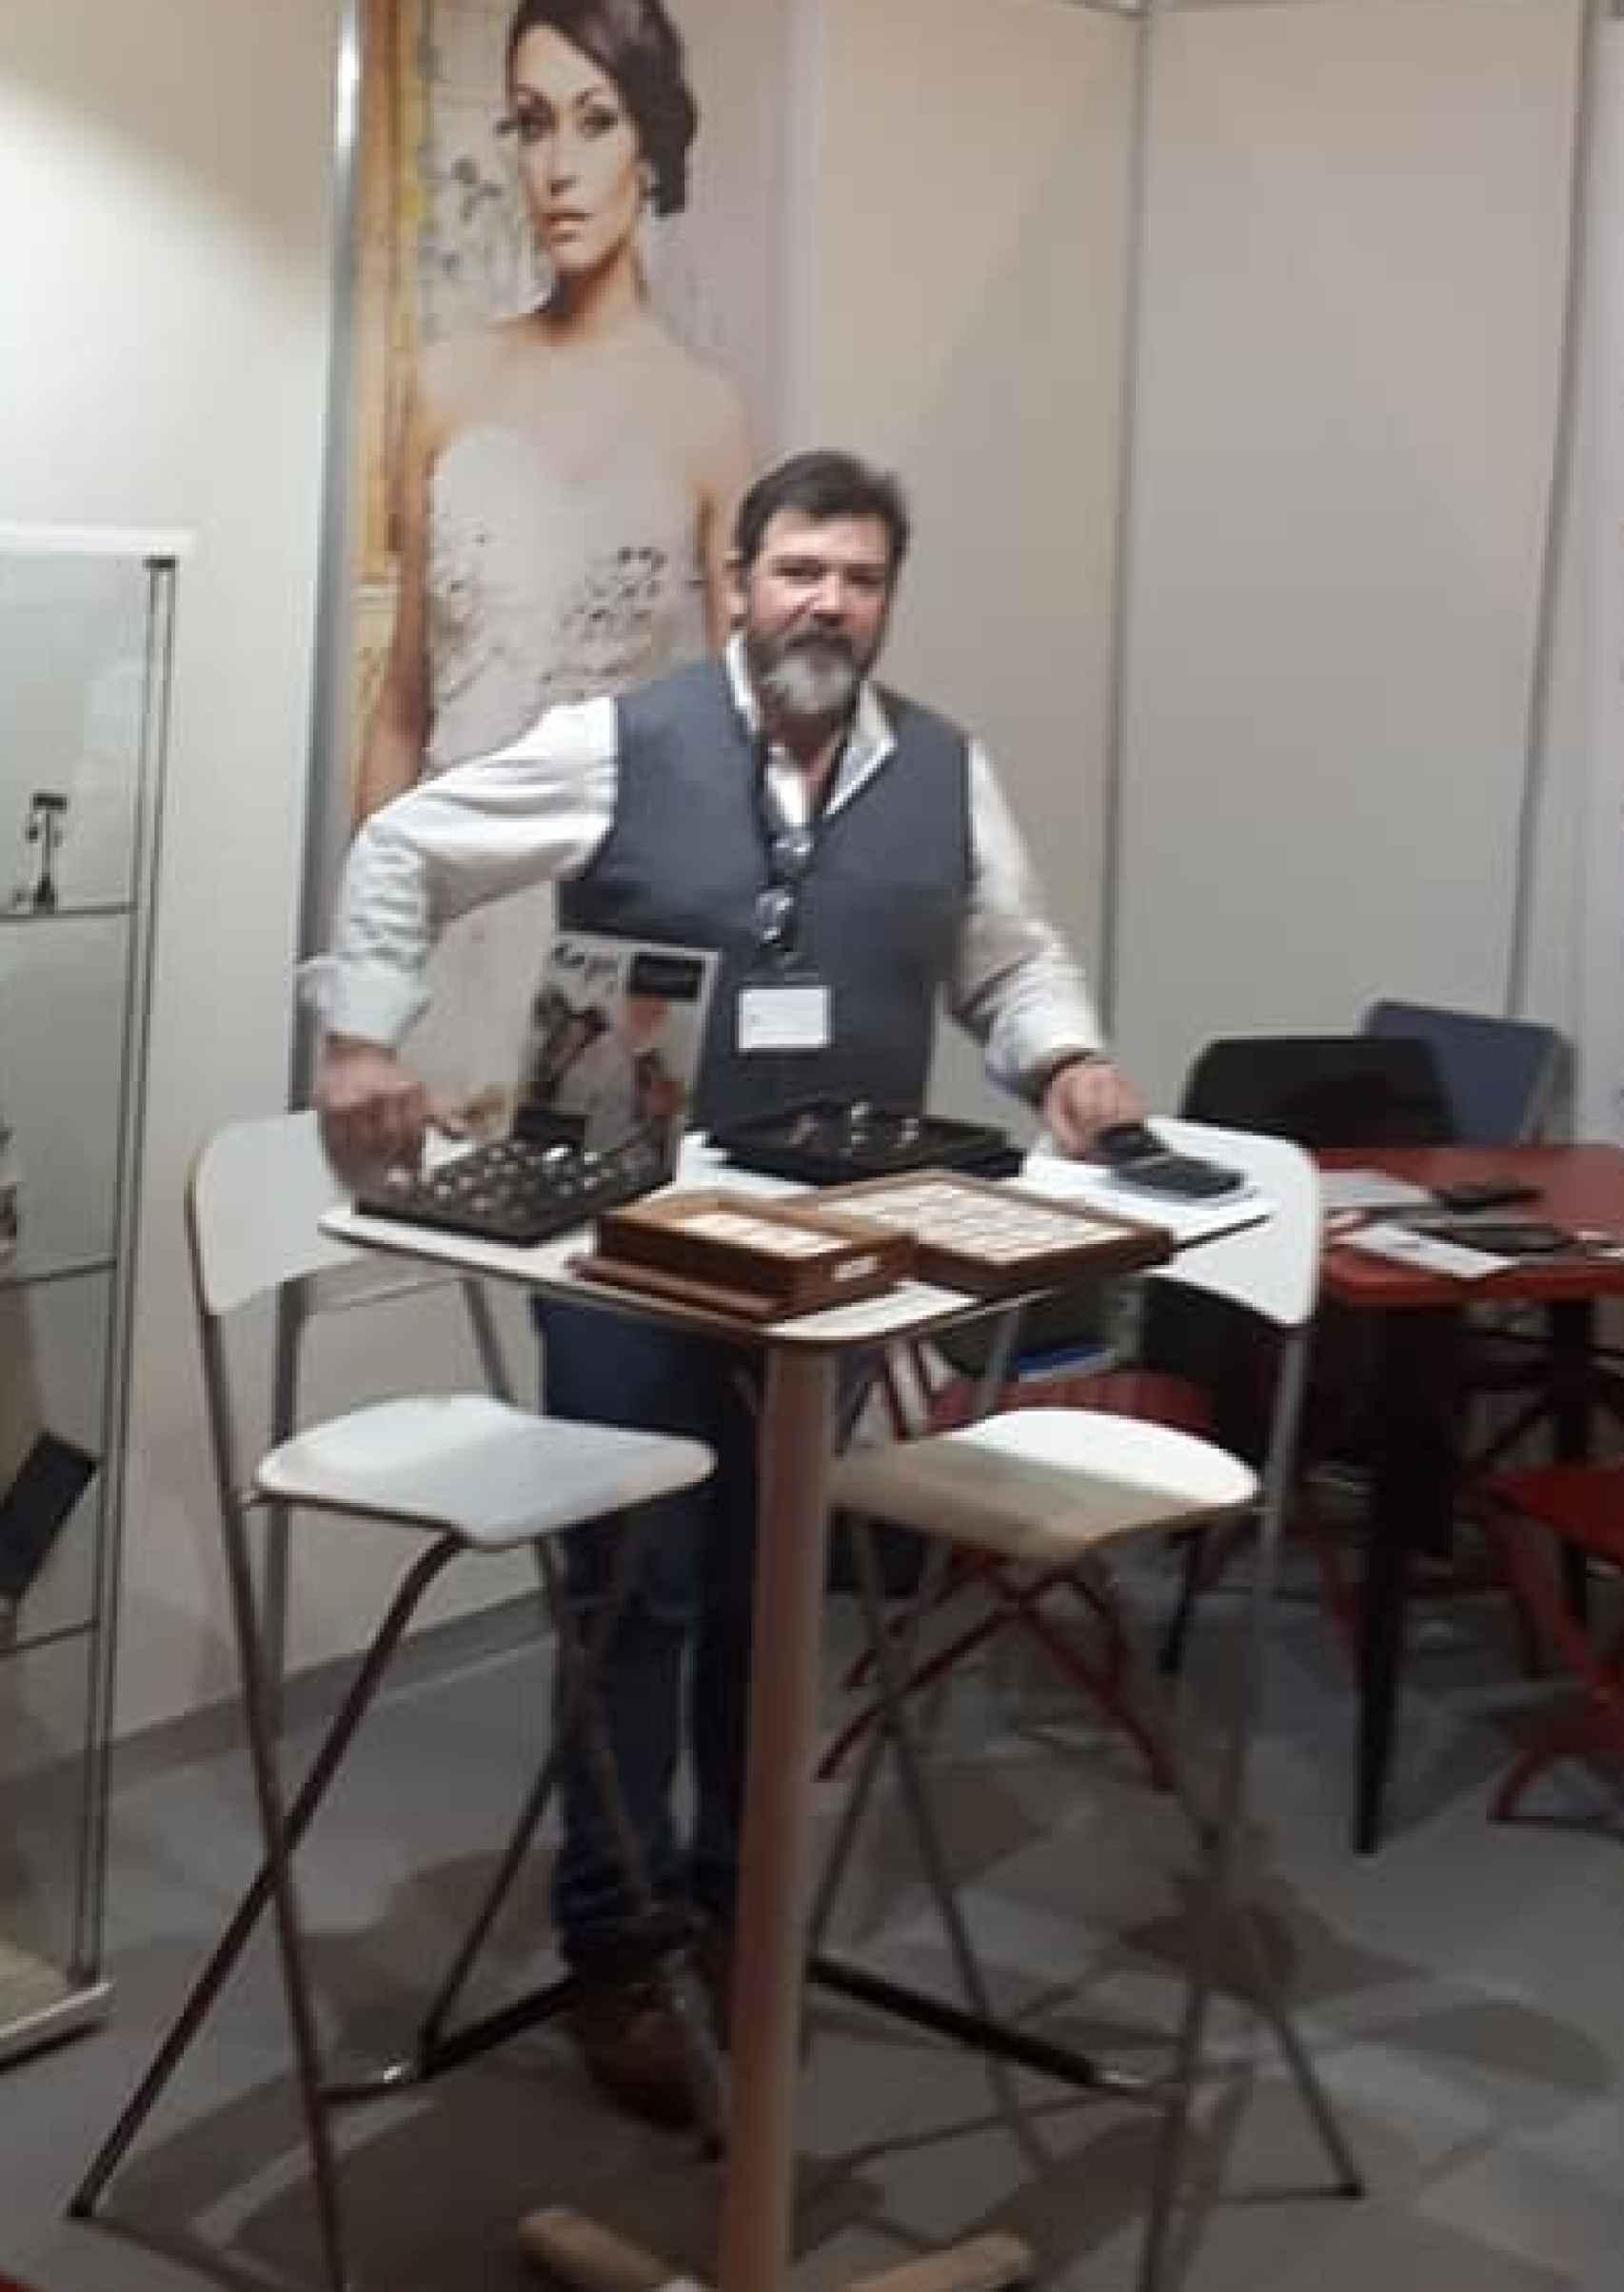 Jaime Lacaba, joyero artesano, en su local del Palacio de Congreso de Sevilla.